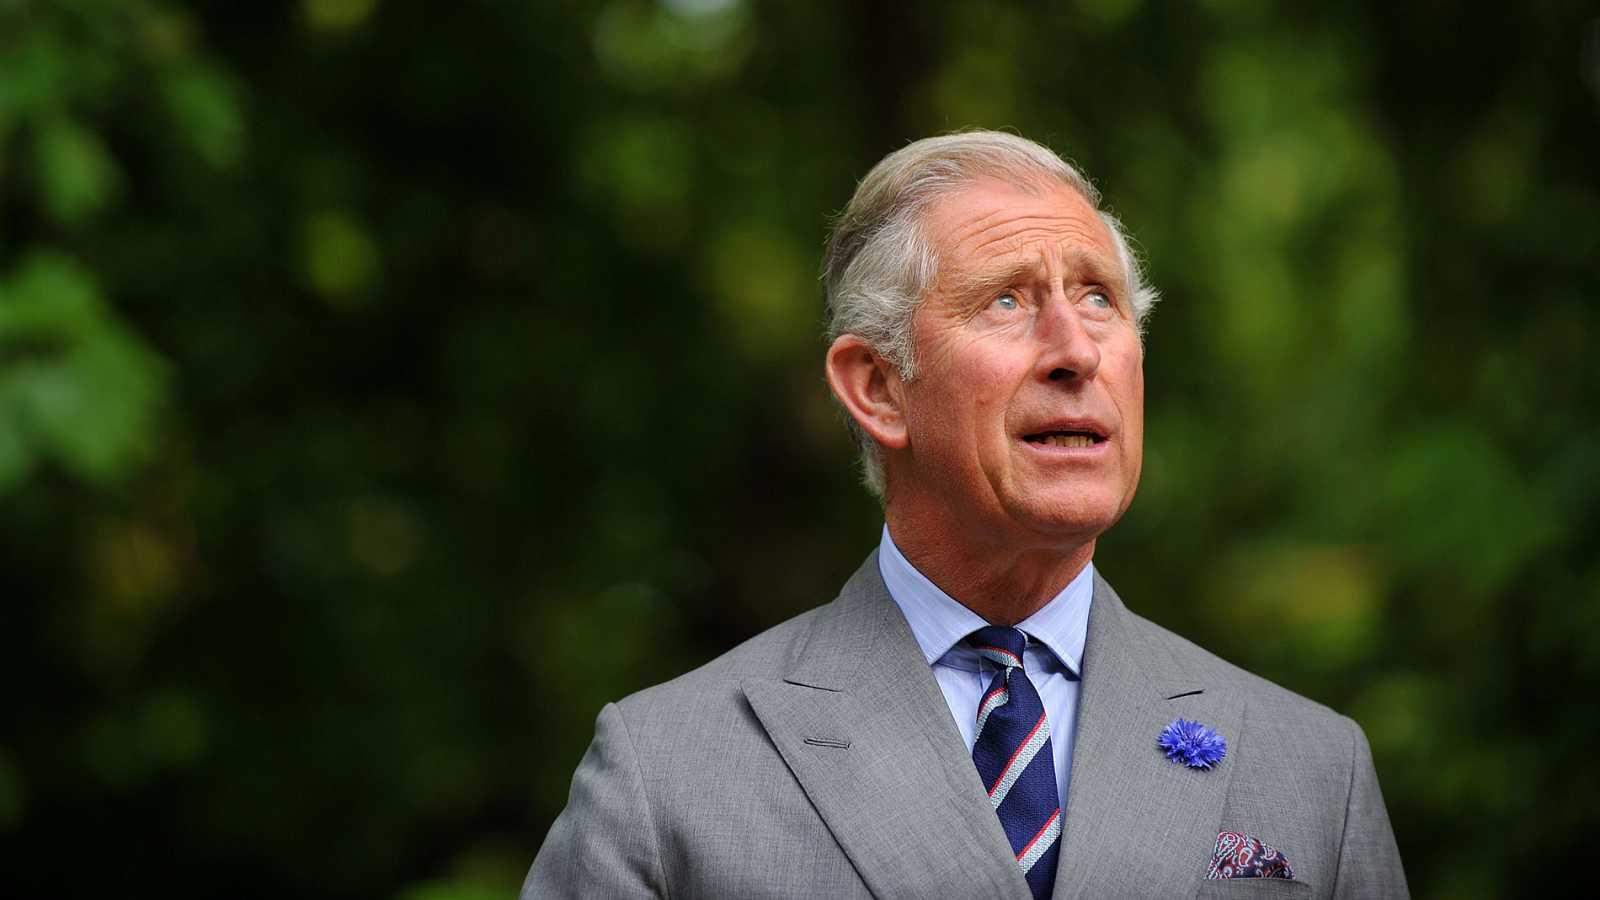 Carlos de Inglaterra, el heredero eterno - RTVE.es